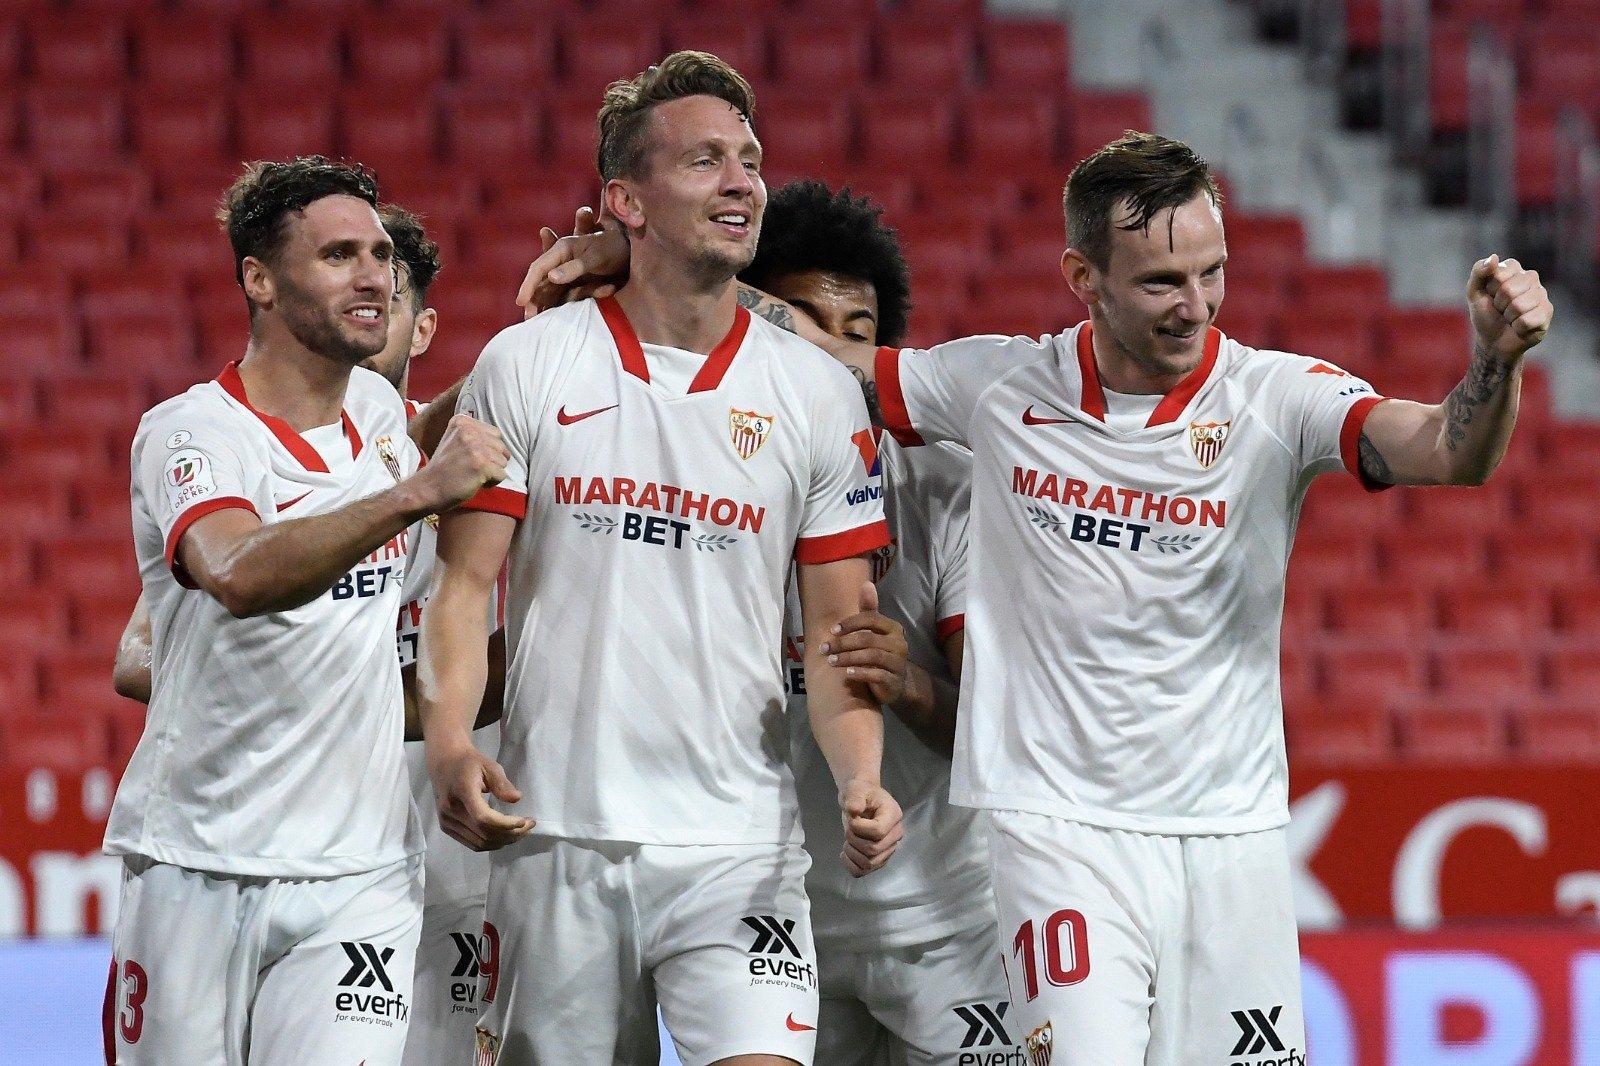 El Sevilla golea al Valencia y ya sólo queda el Almería como único no-primera en la competición